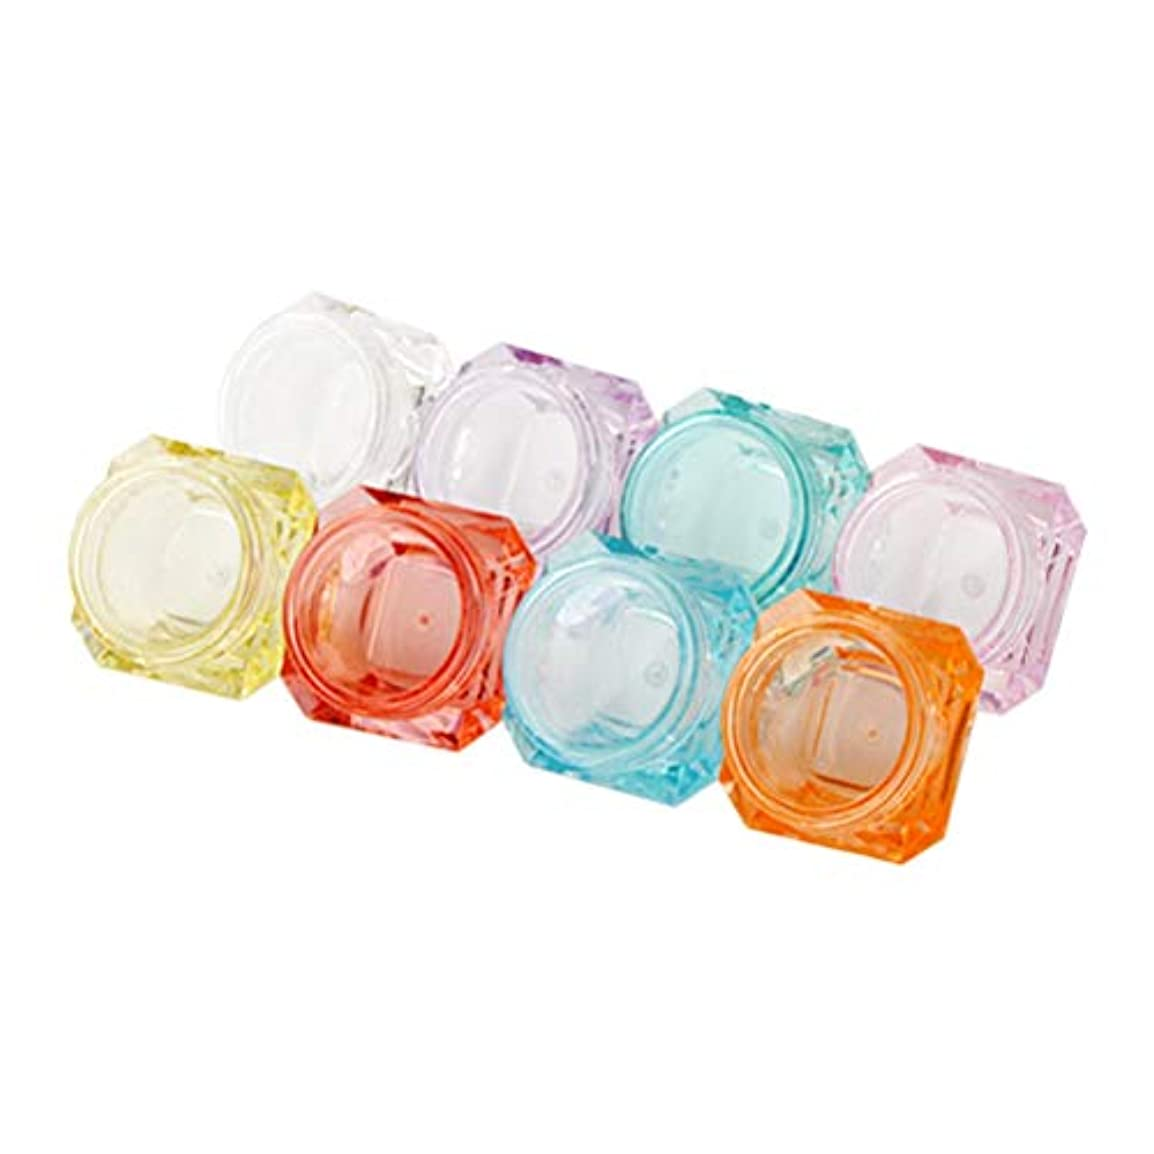 結核プロット切るFrcolor 40ピース クリームケース 小分け プラスチックハート型化粧ポット 詰め替え容器 携帯用 旅行用品